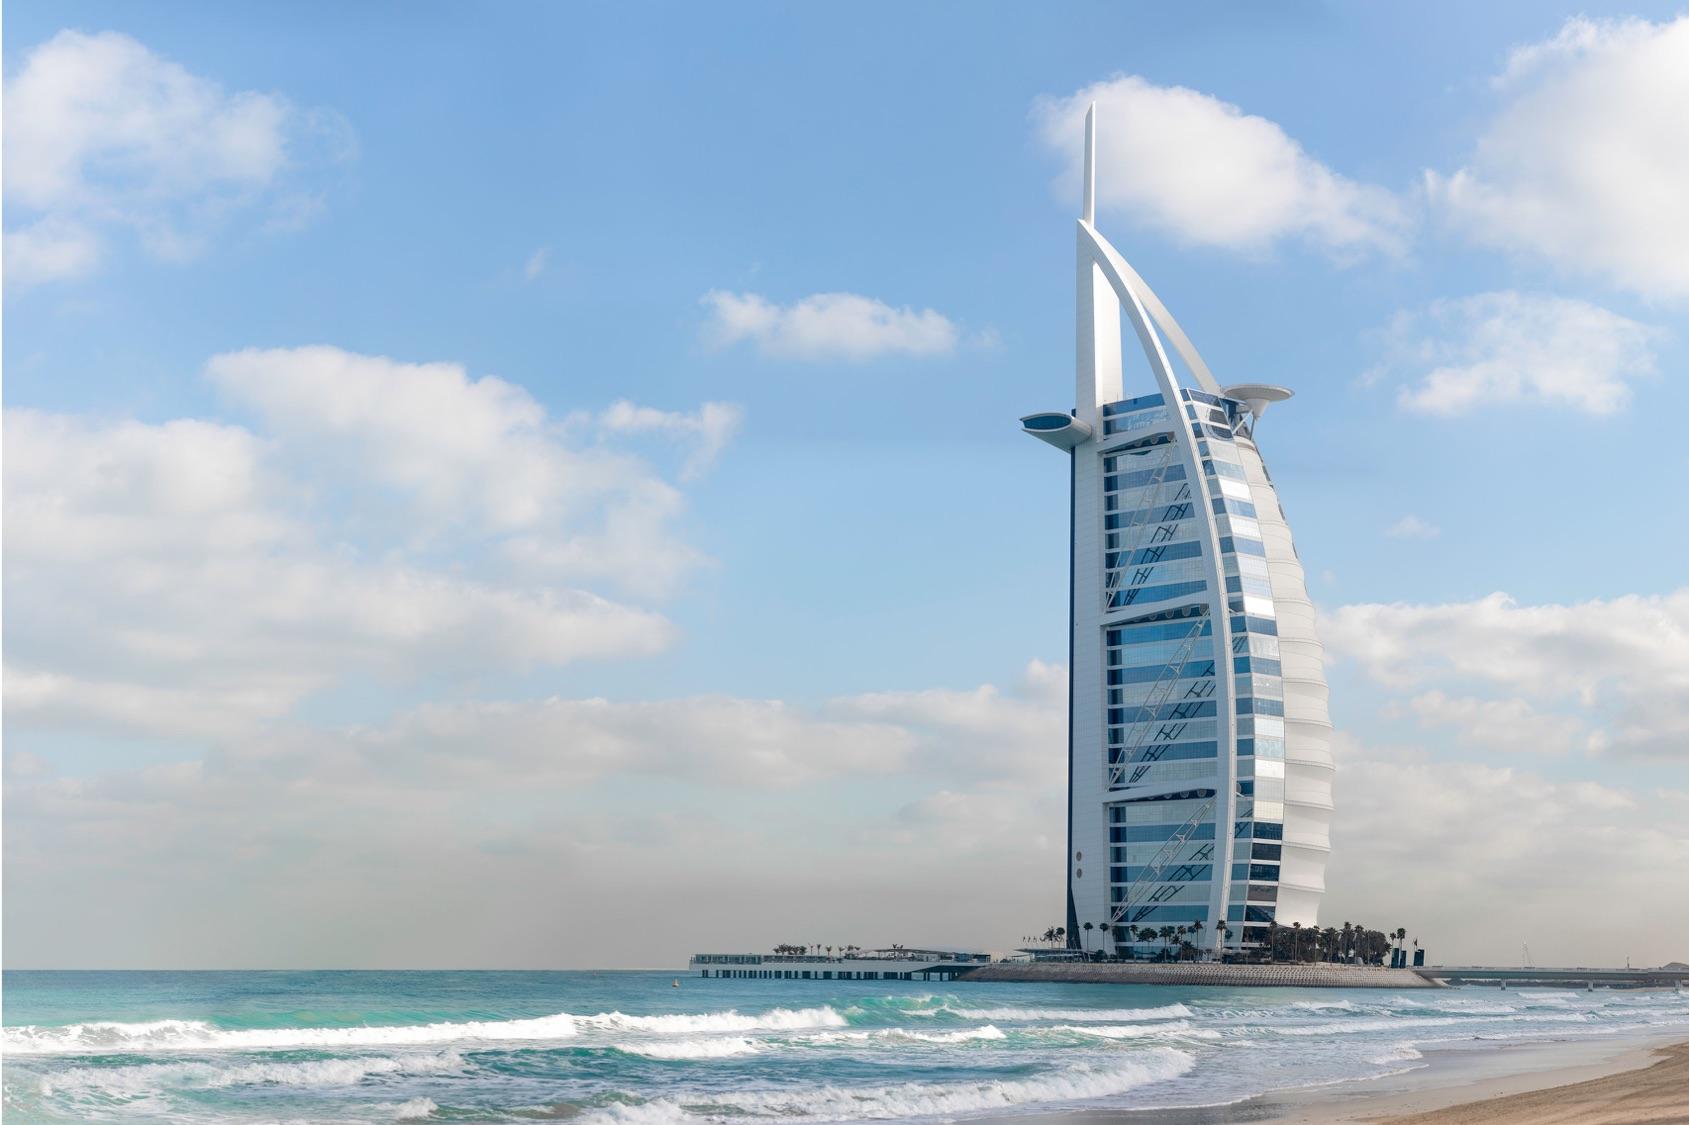 2022年 2/29 杜拜阿聯酋遊輪10天 03/08(日)           杜拜Dubai, UAE  —久美拉古城堡Madinat Jumeirah 杜拜帆船酒店(超級豪華自助午餐) Burj Al Arab—Dubai Mall 觀看最美最壯觀的水舞